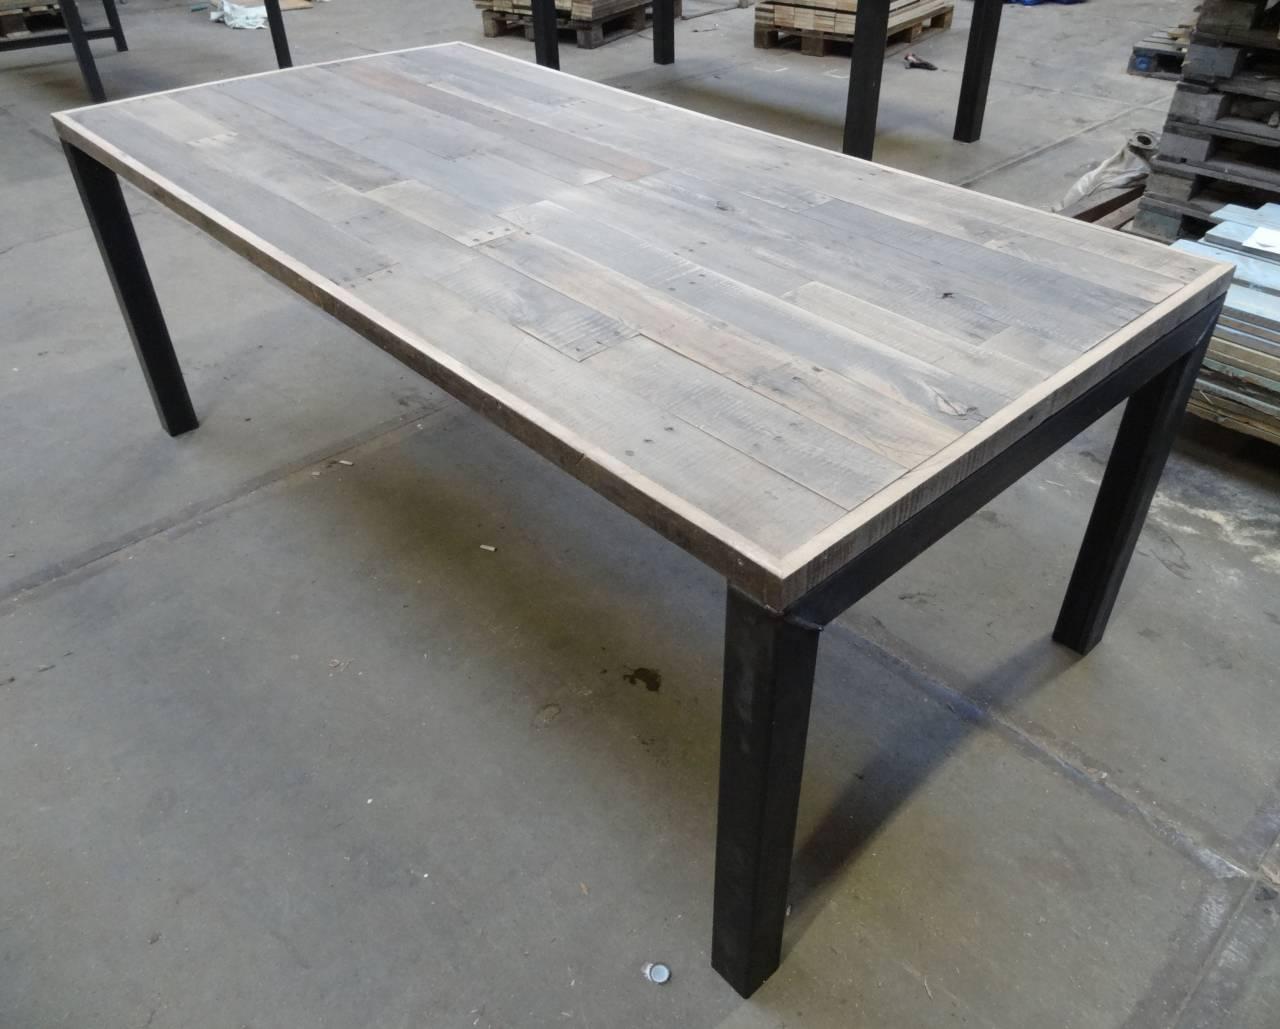 Tafel Stalen Poten : ≥ eiken tafel stalen onderstel eettafel stalen poten tafels